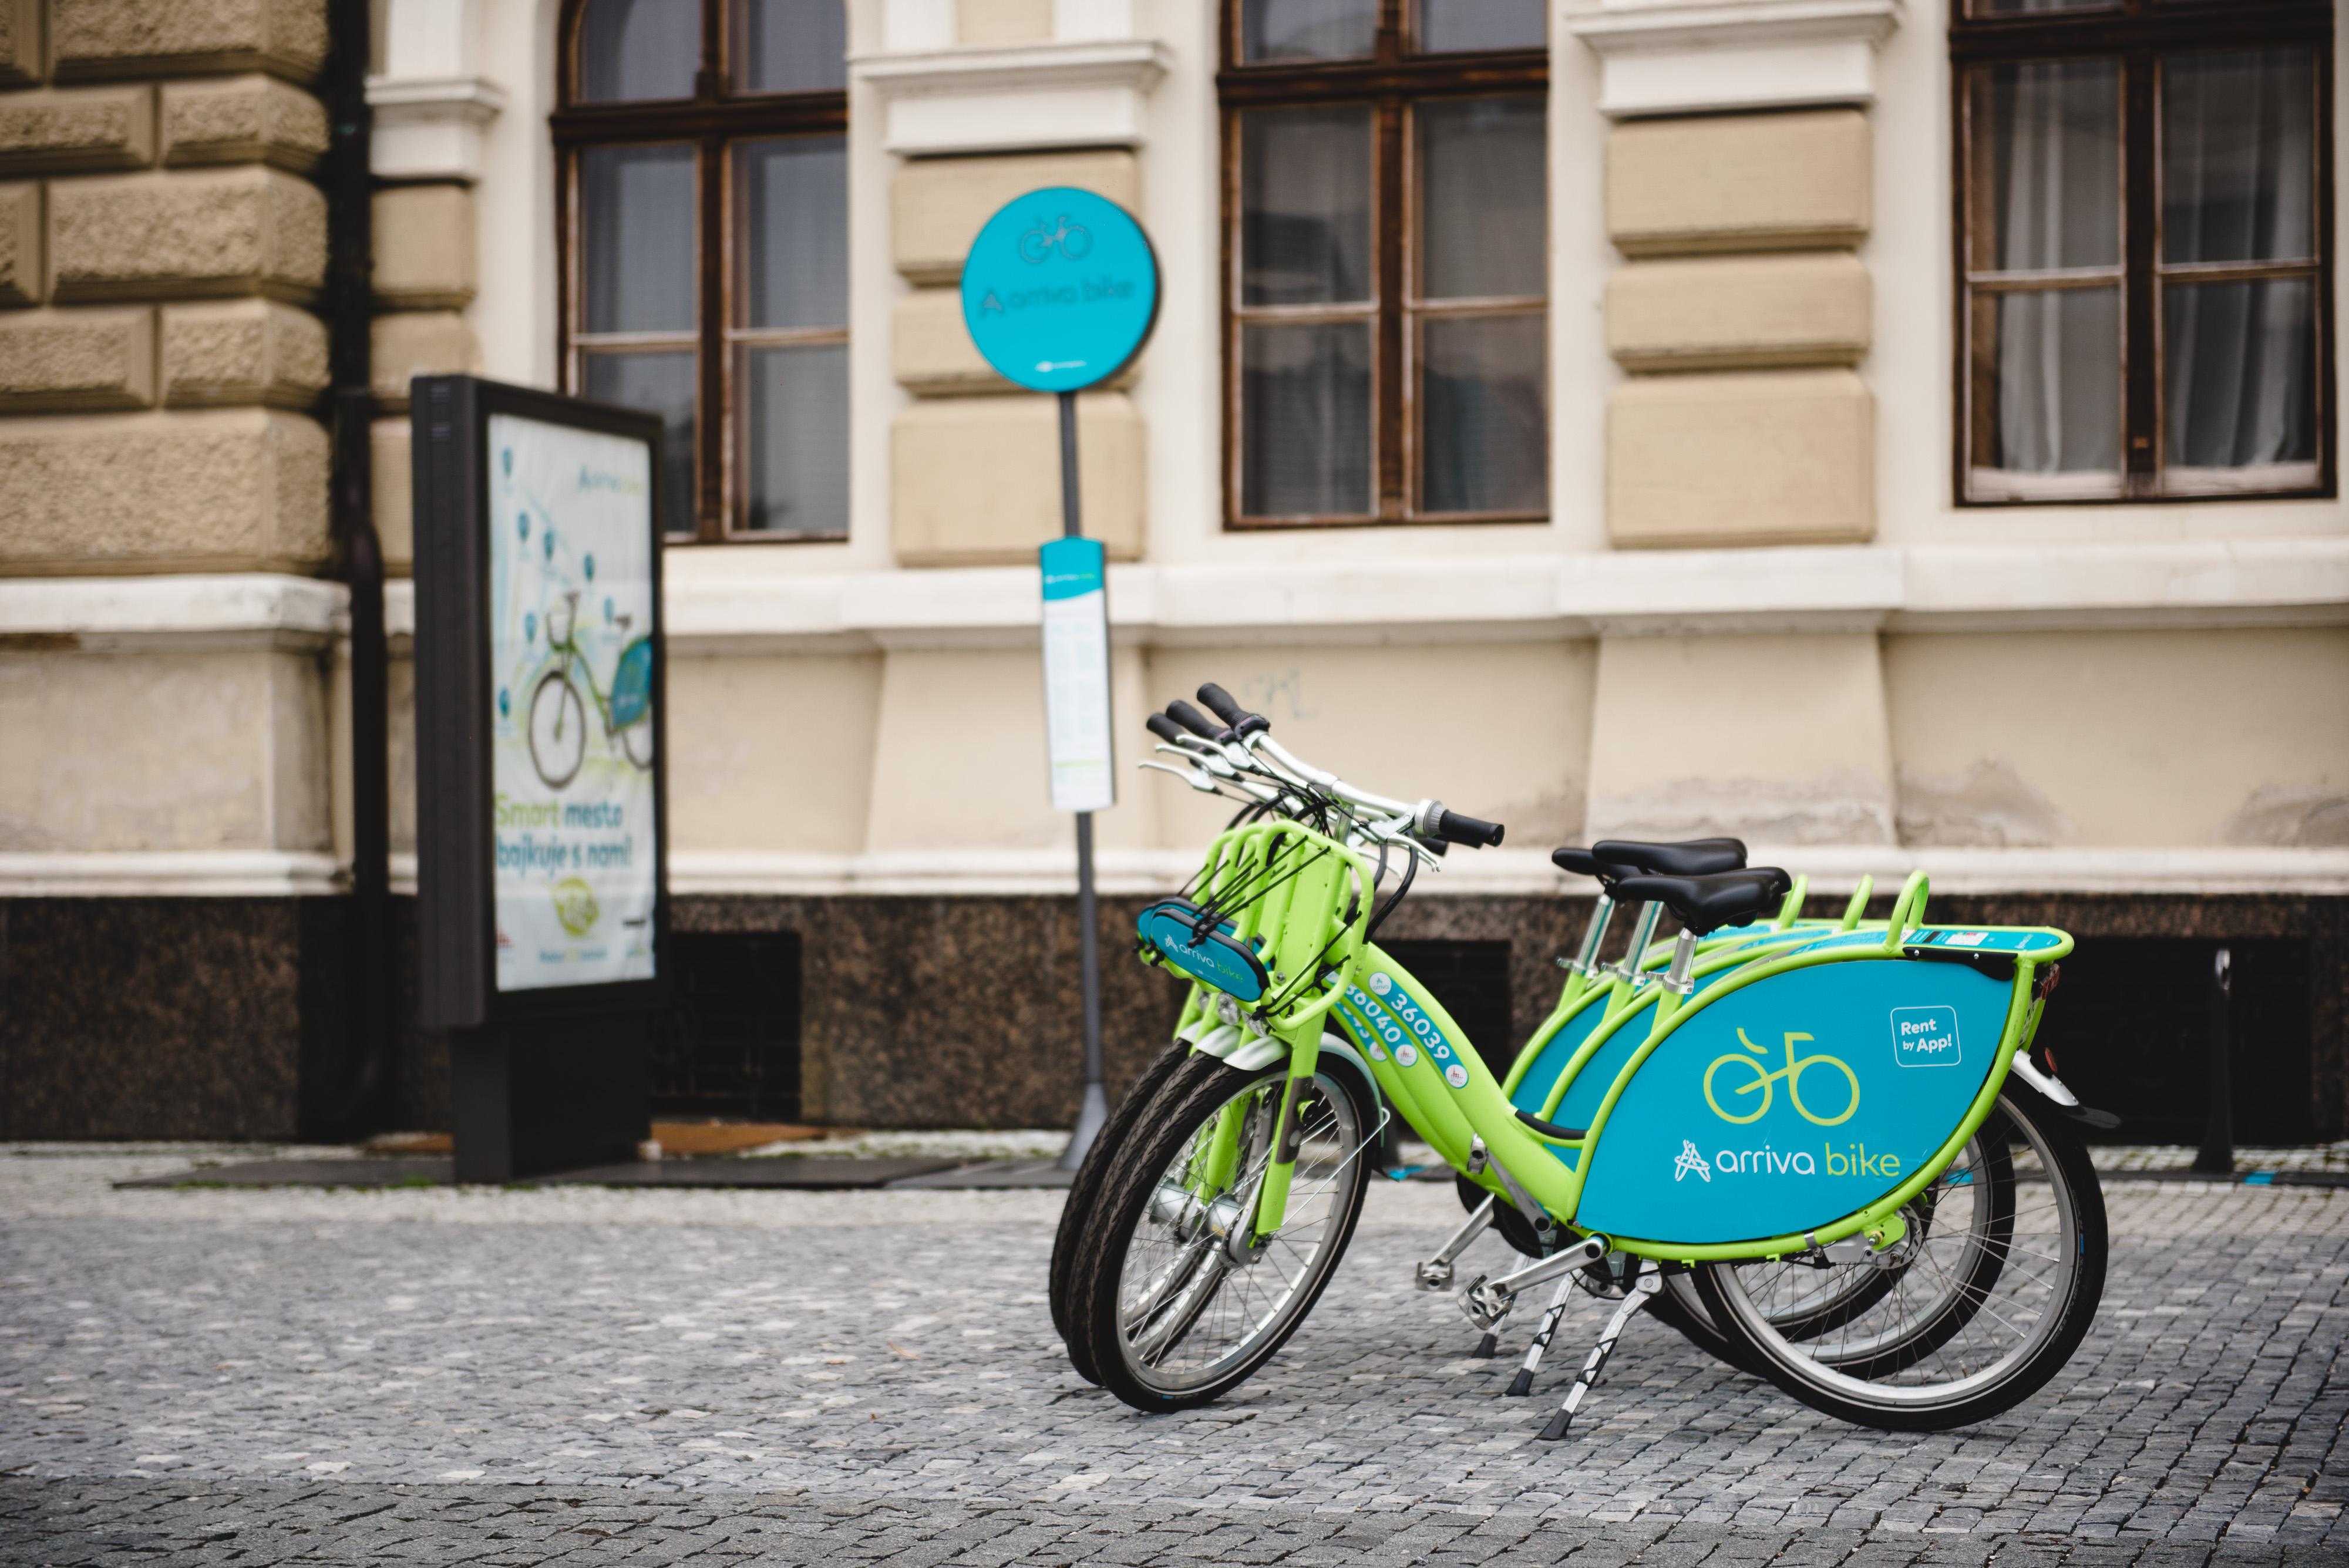 16d3d12615a66 Zdieľané bicykle arriva bike môžu Nitrania - Kam v meste | moja Nitra